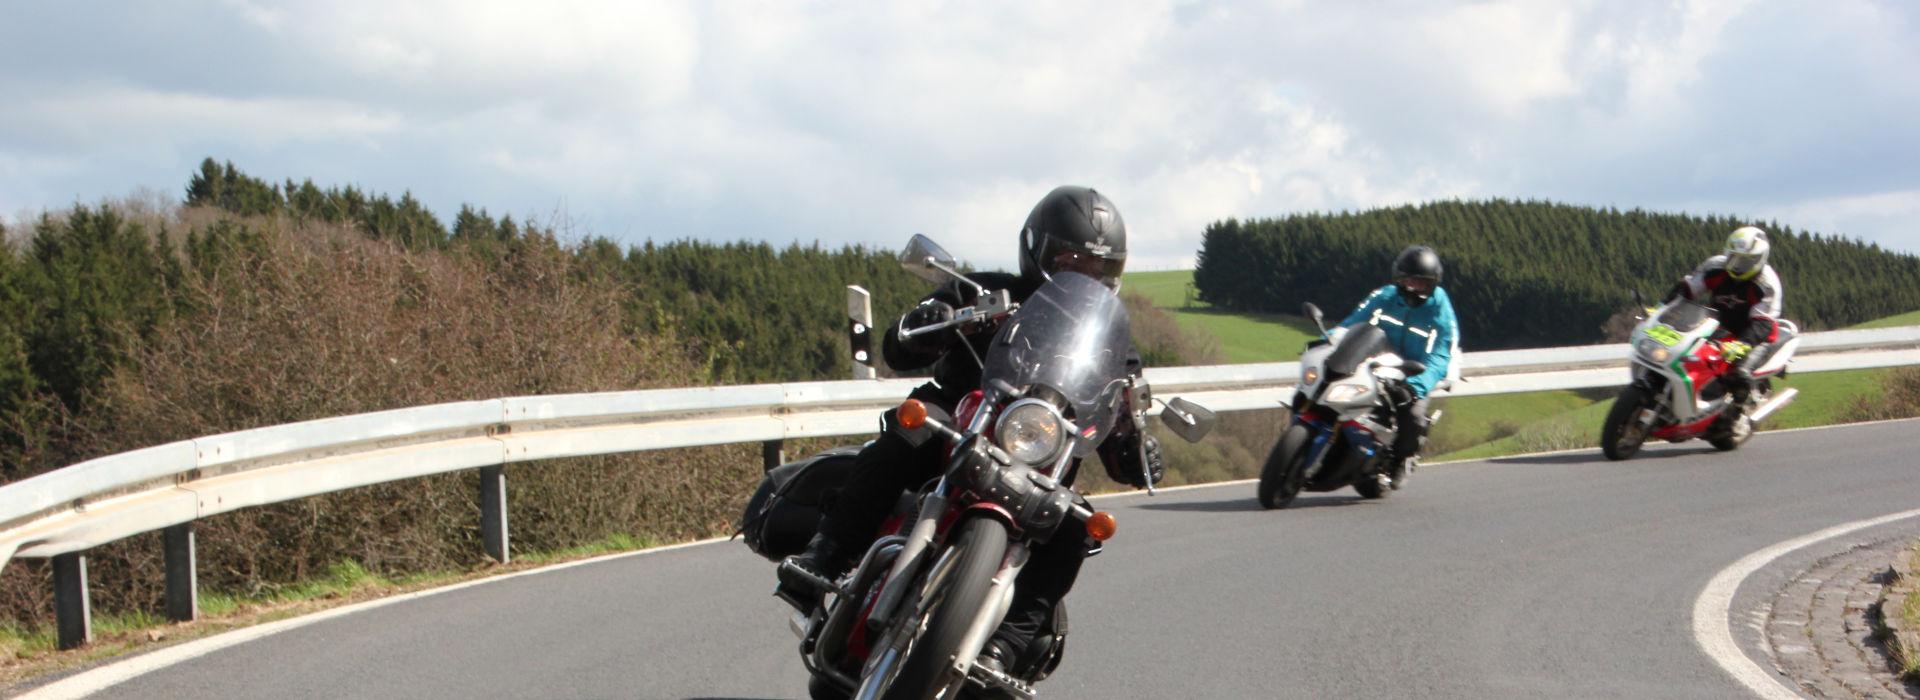 Motorrijbewijspoint Alphen aan den Rijn snel motorrijbewijs halen